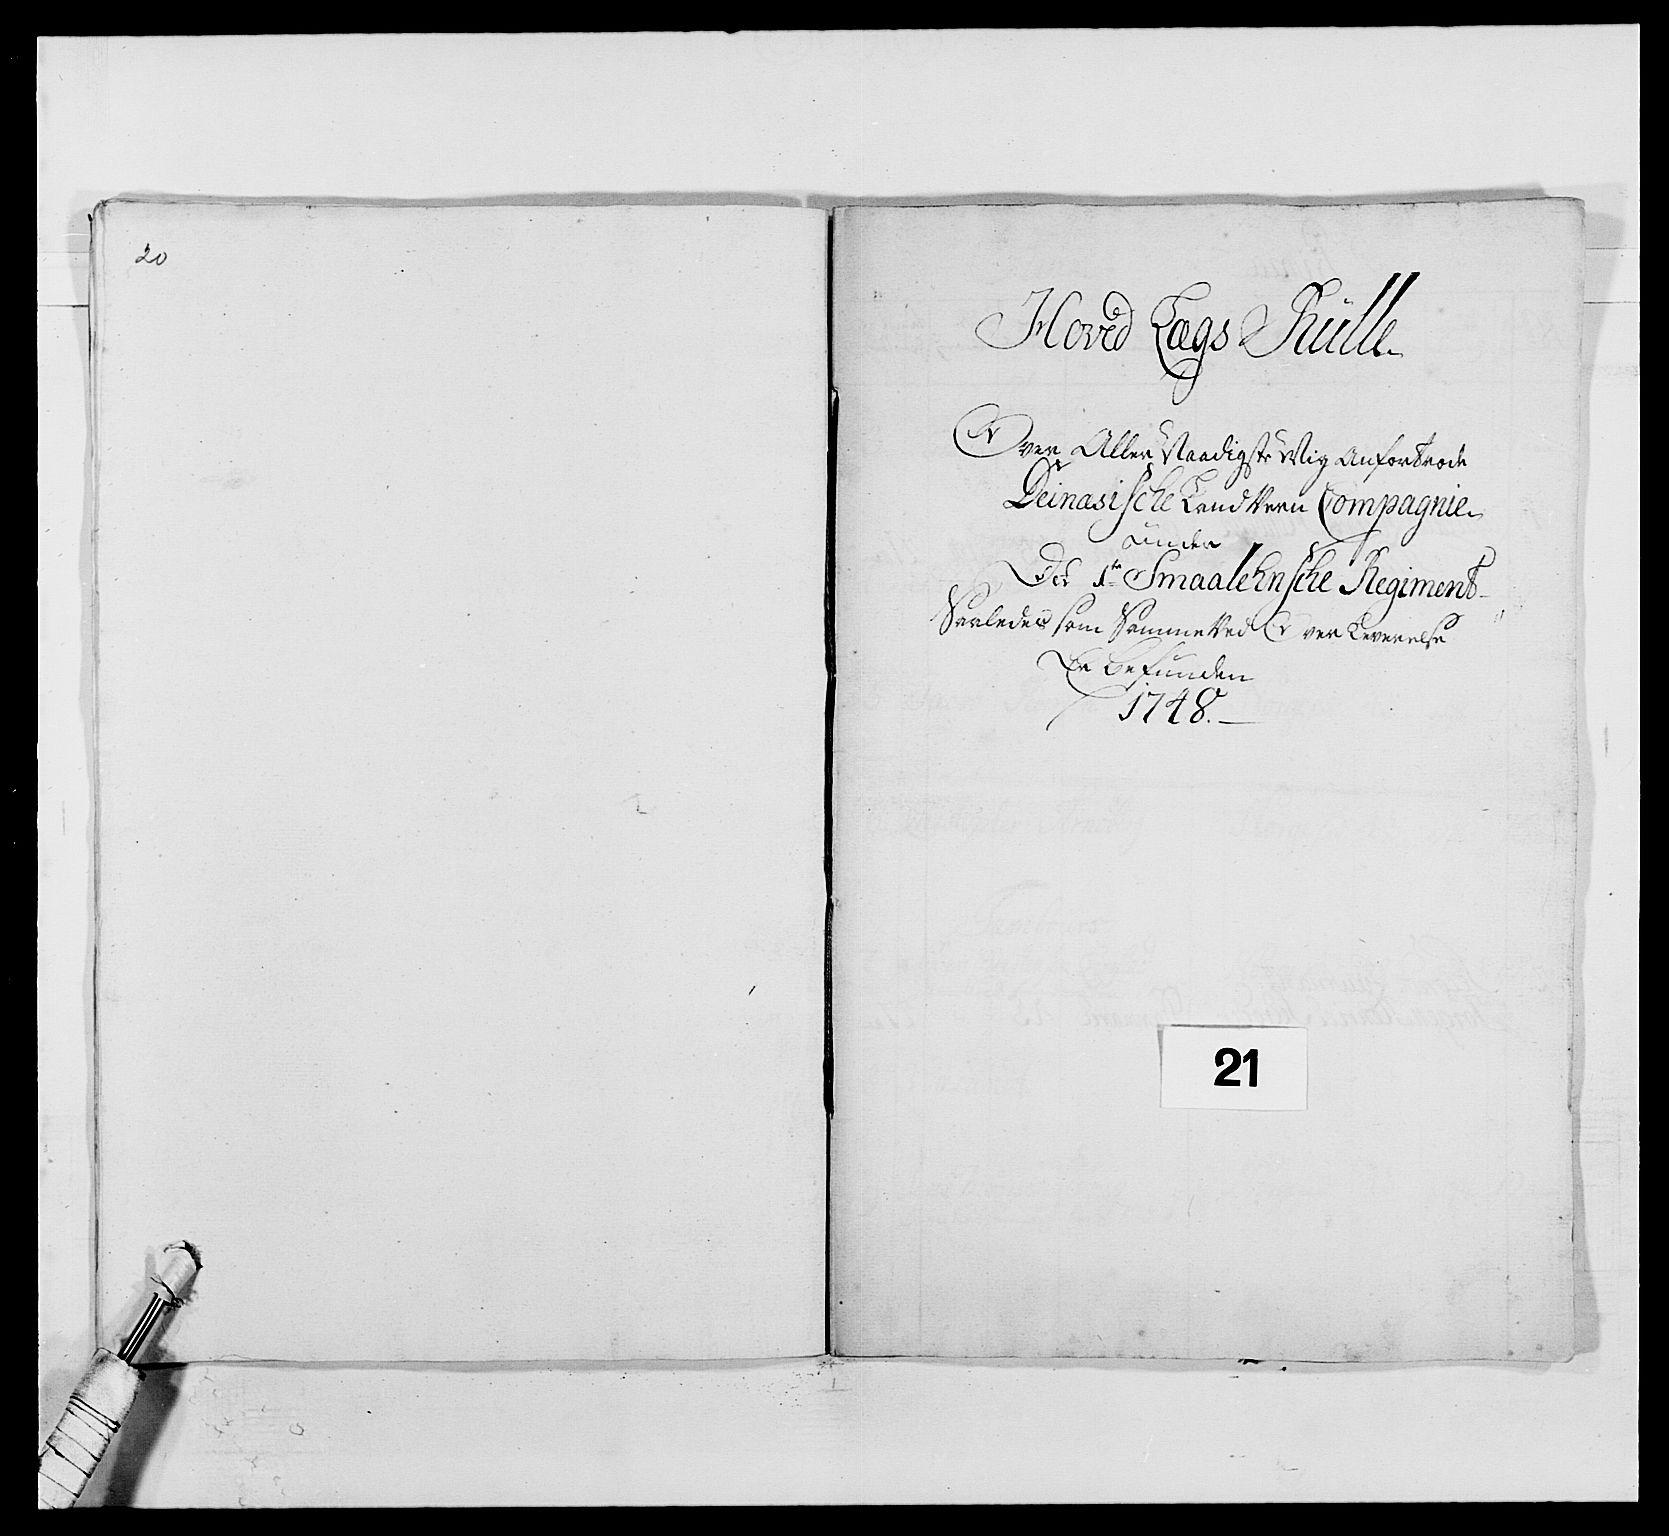 RA, Kommanderende general (KG I) med Det norske krigsdirektorium, E/Ea/L0495: 1. Smålenske regiment, 1732-1763, s. 289